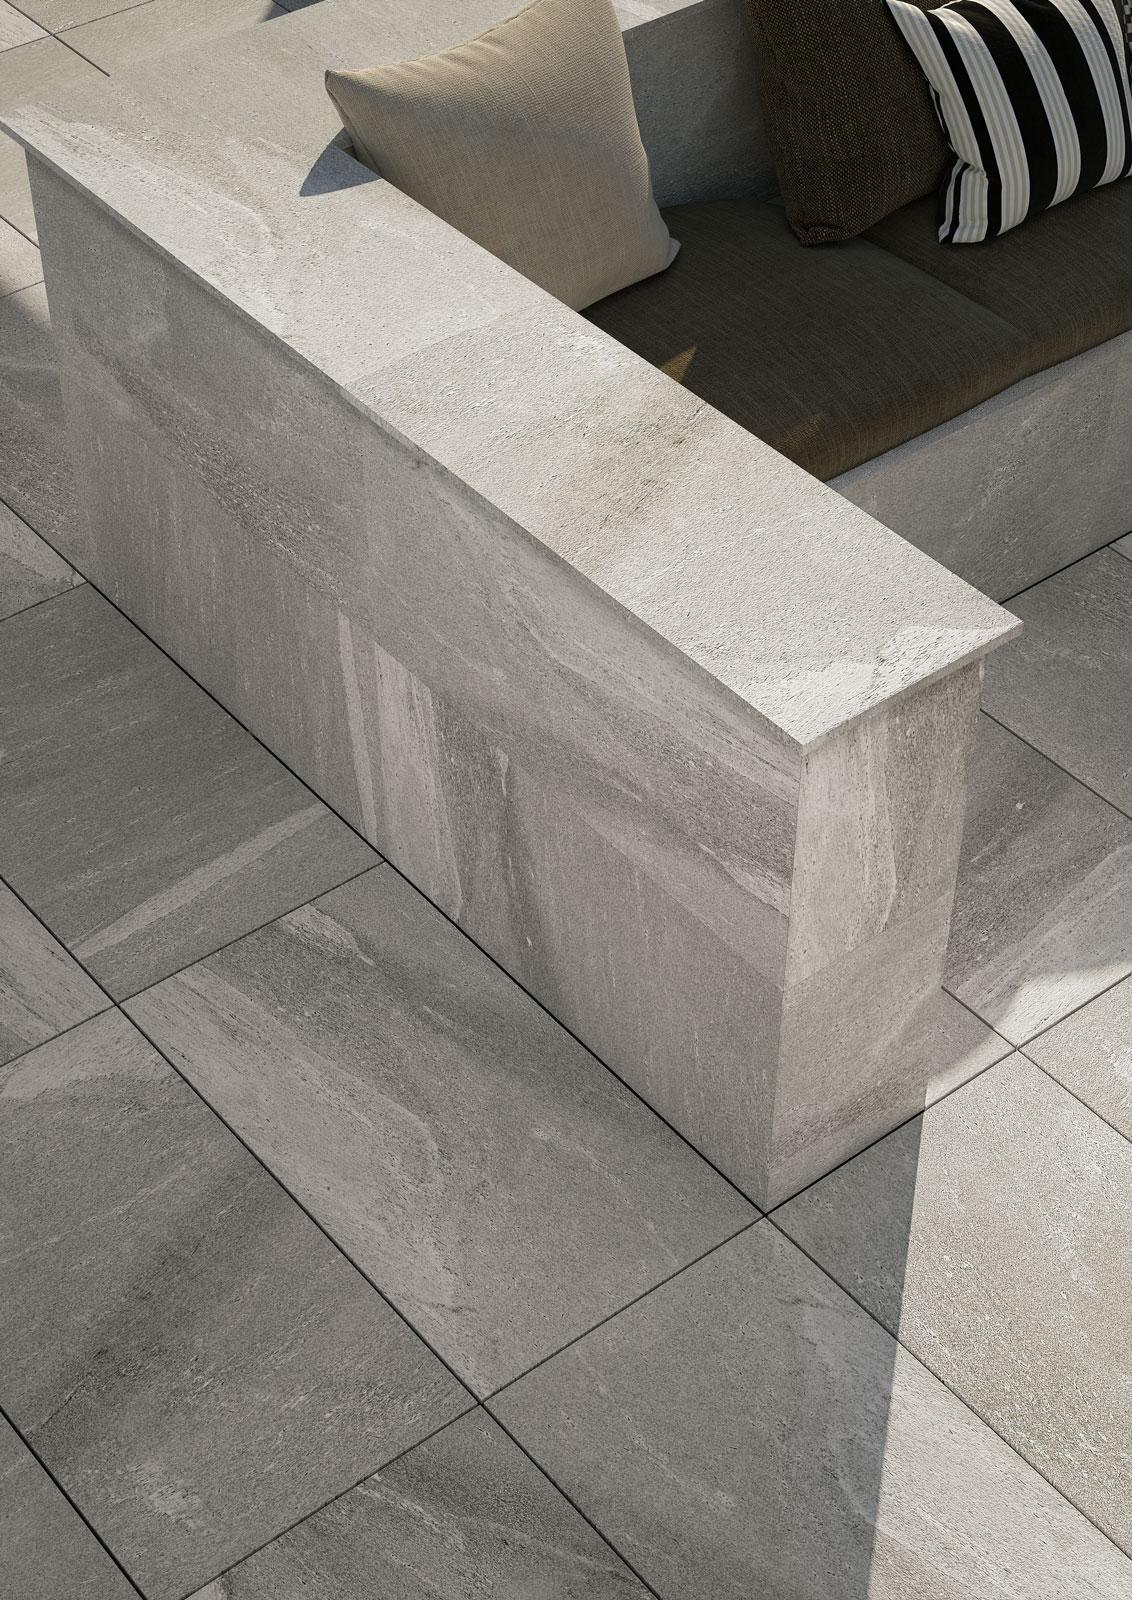 Pavimenti per esterni piastrelle gres porcellanato marazzi - Piastrelle di gres ...